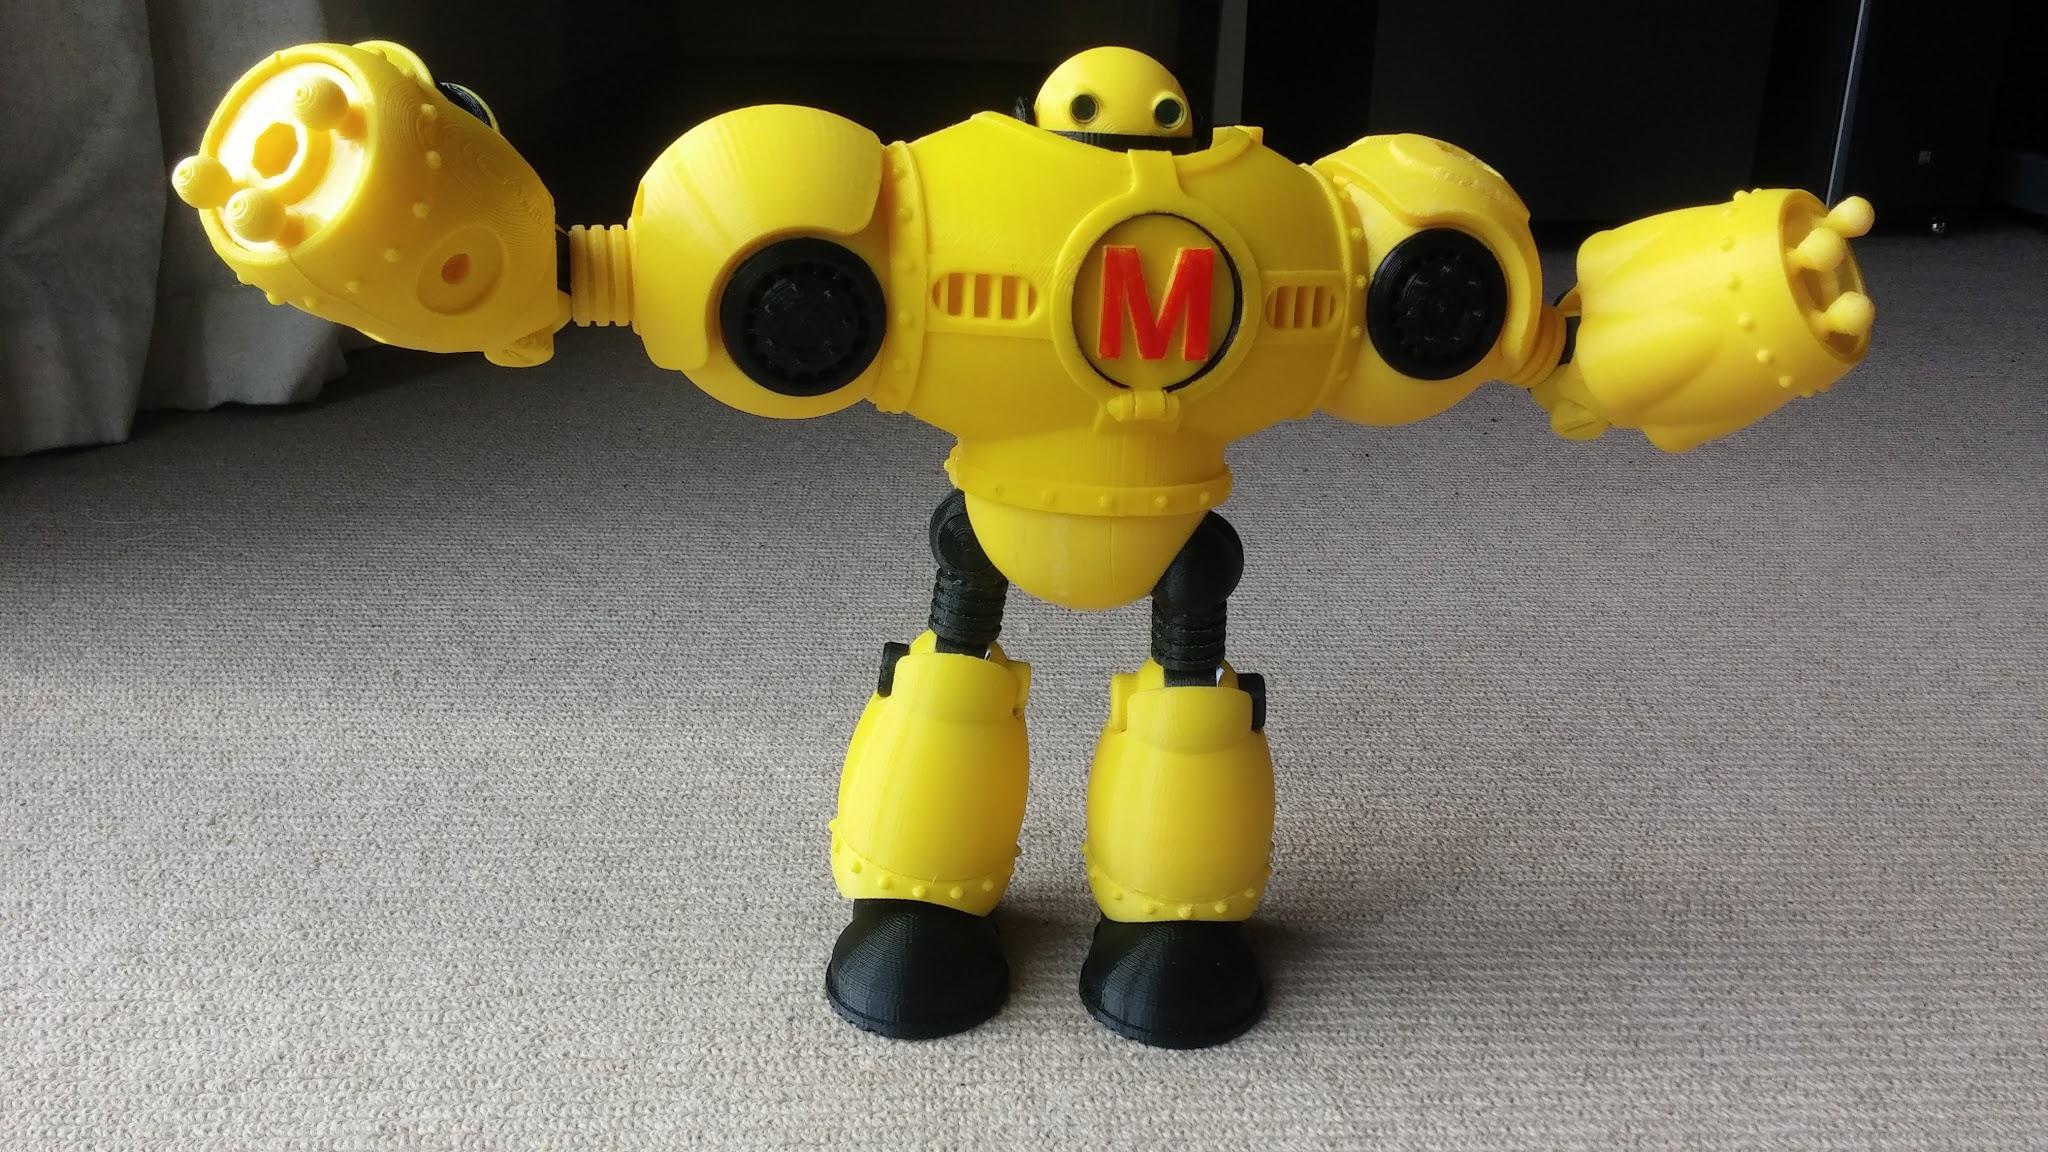 3D Printed Mega Make